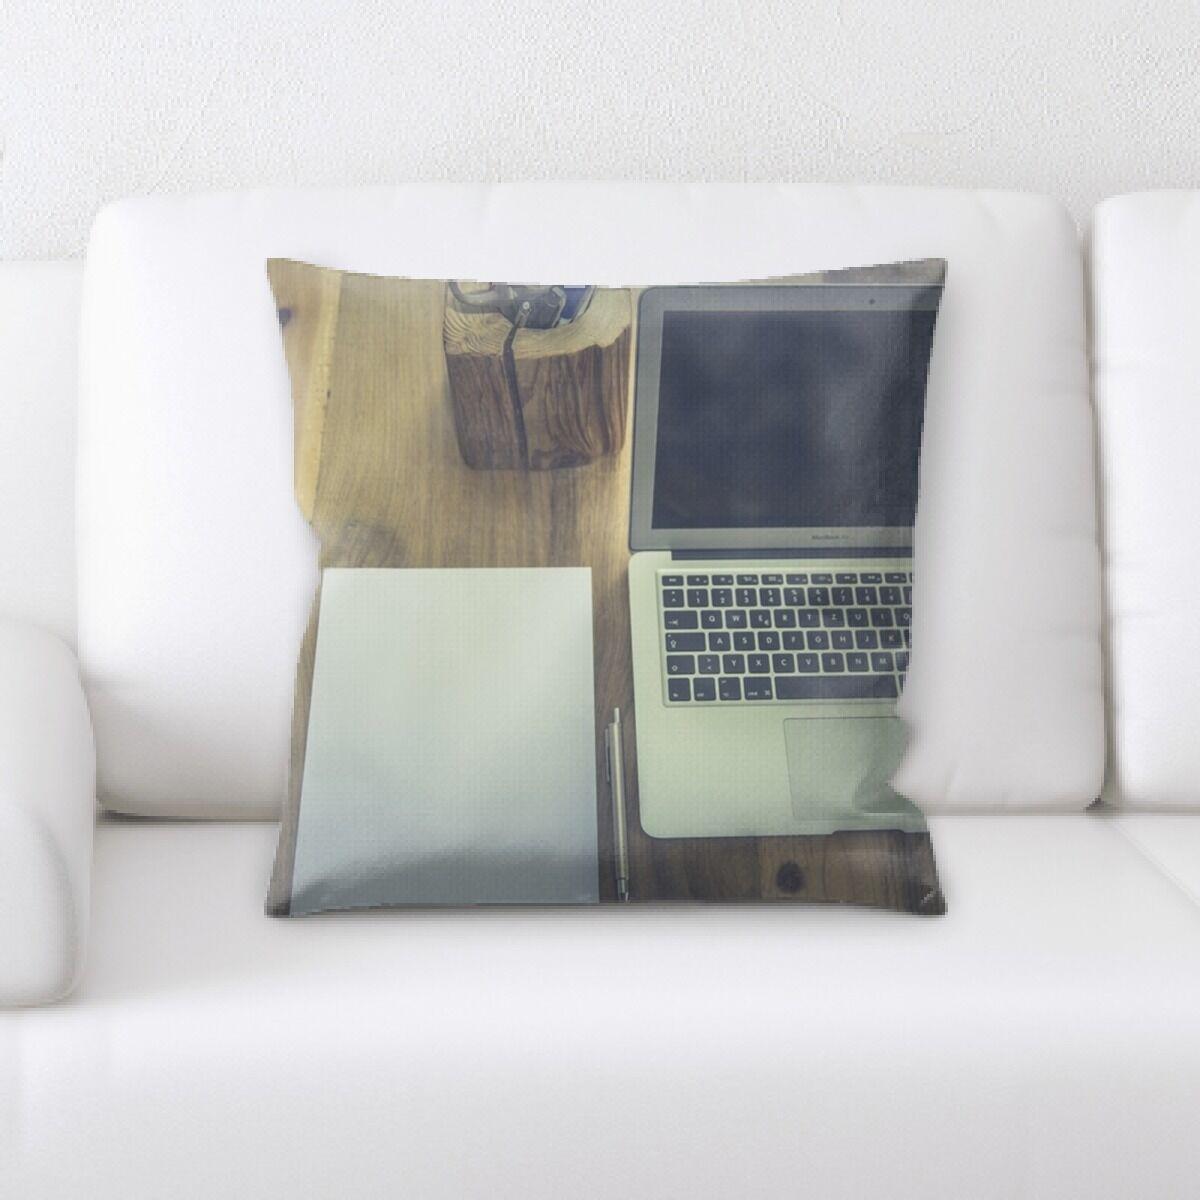 Juanita Computer and Writing Material Throw Pillow